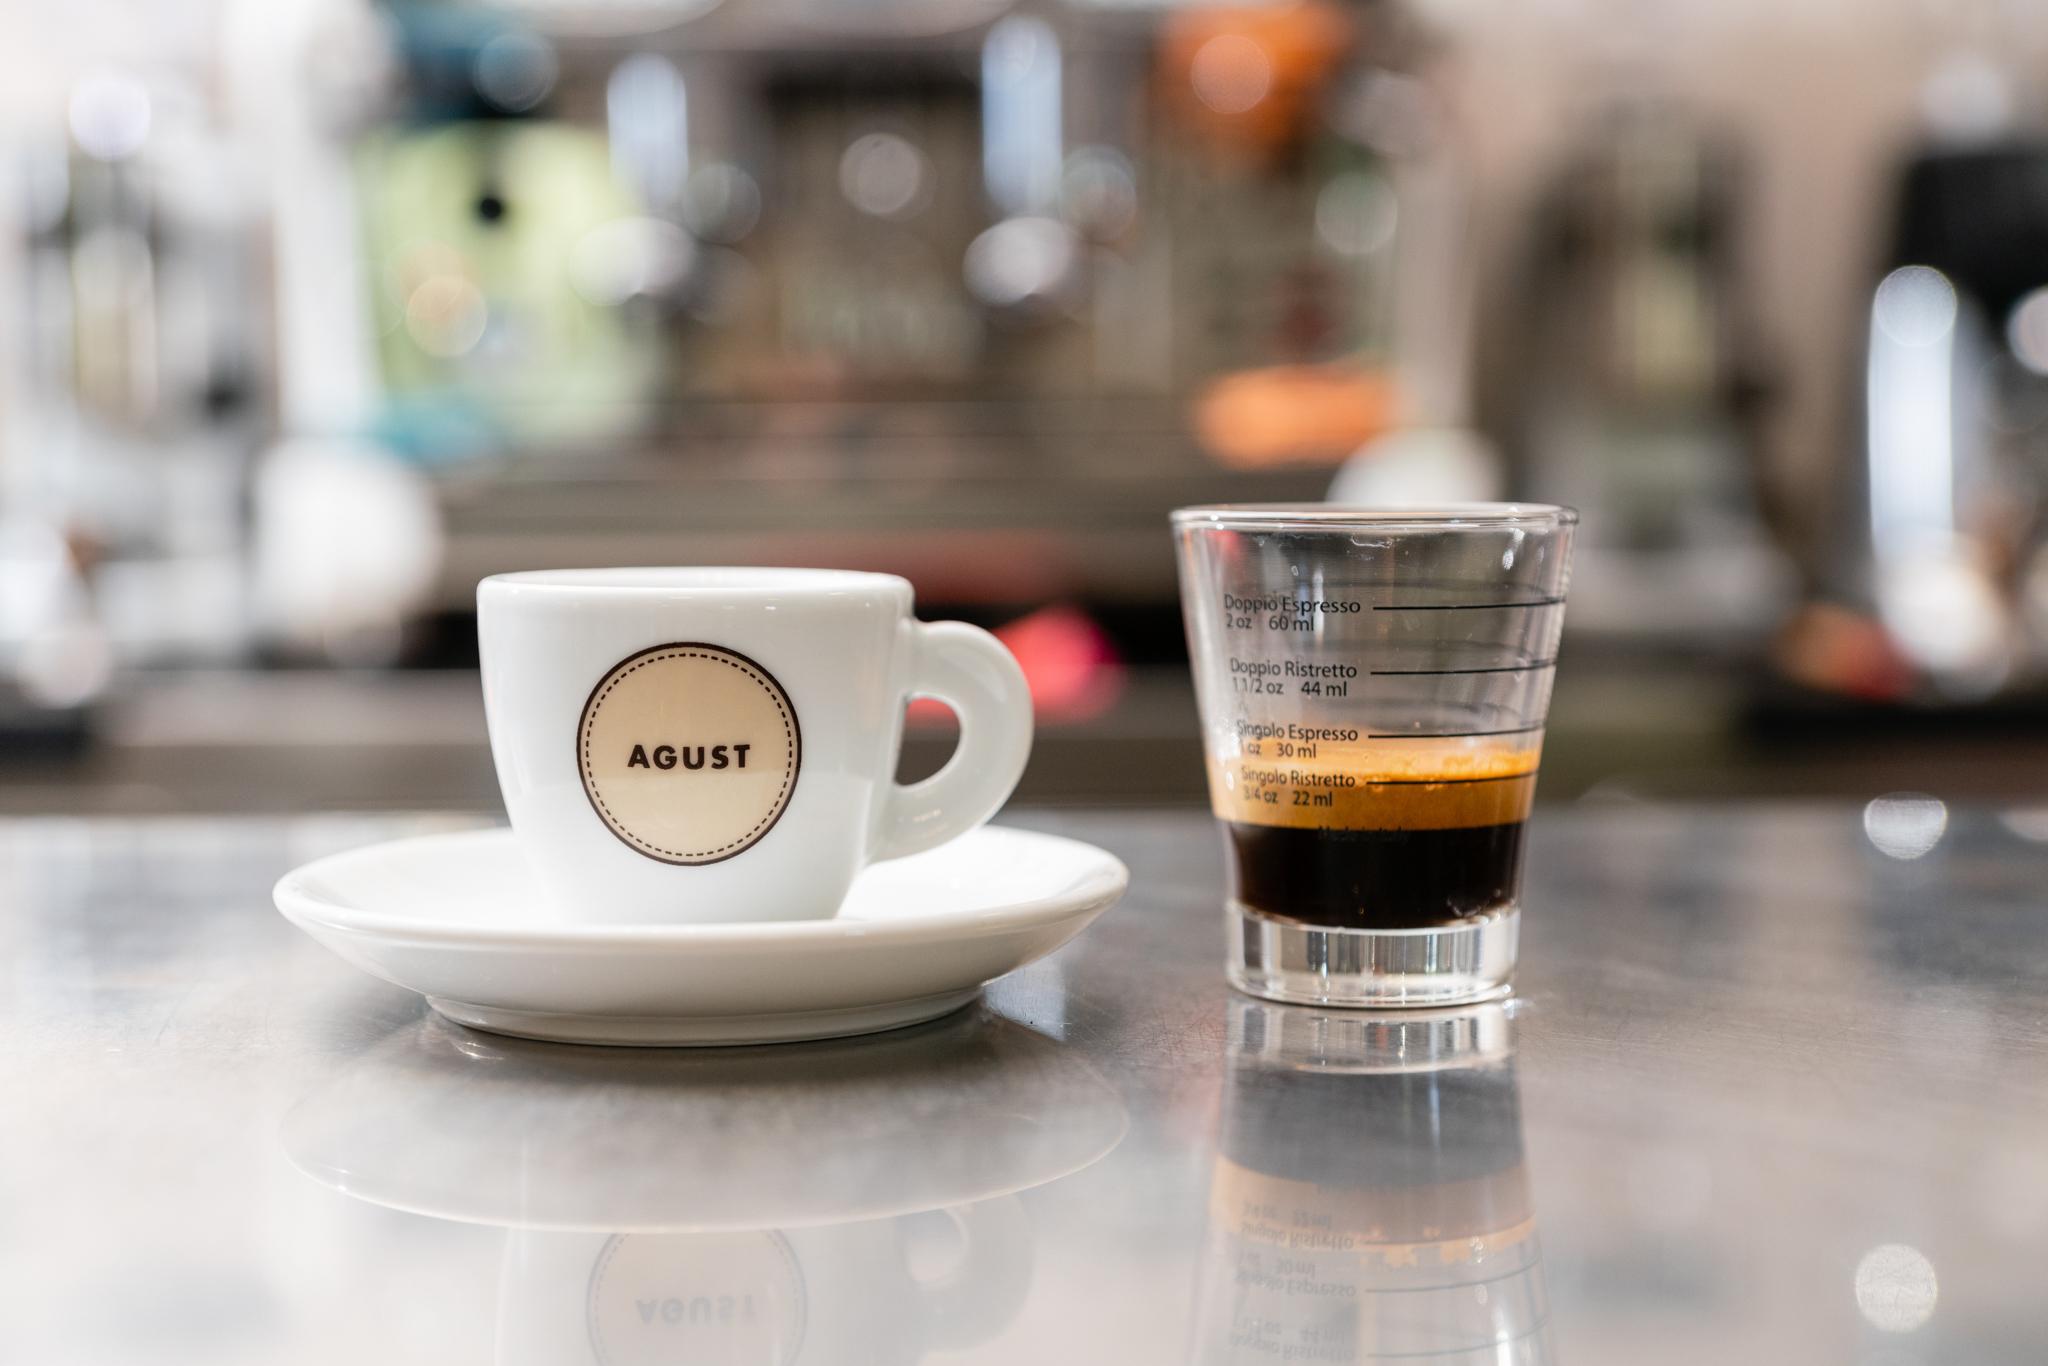 Agust e la rivoluzione del caffè chiamata EVO